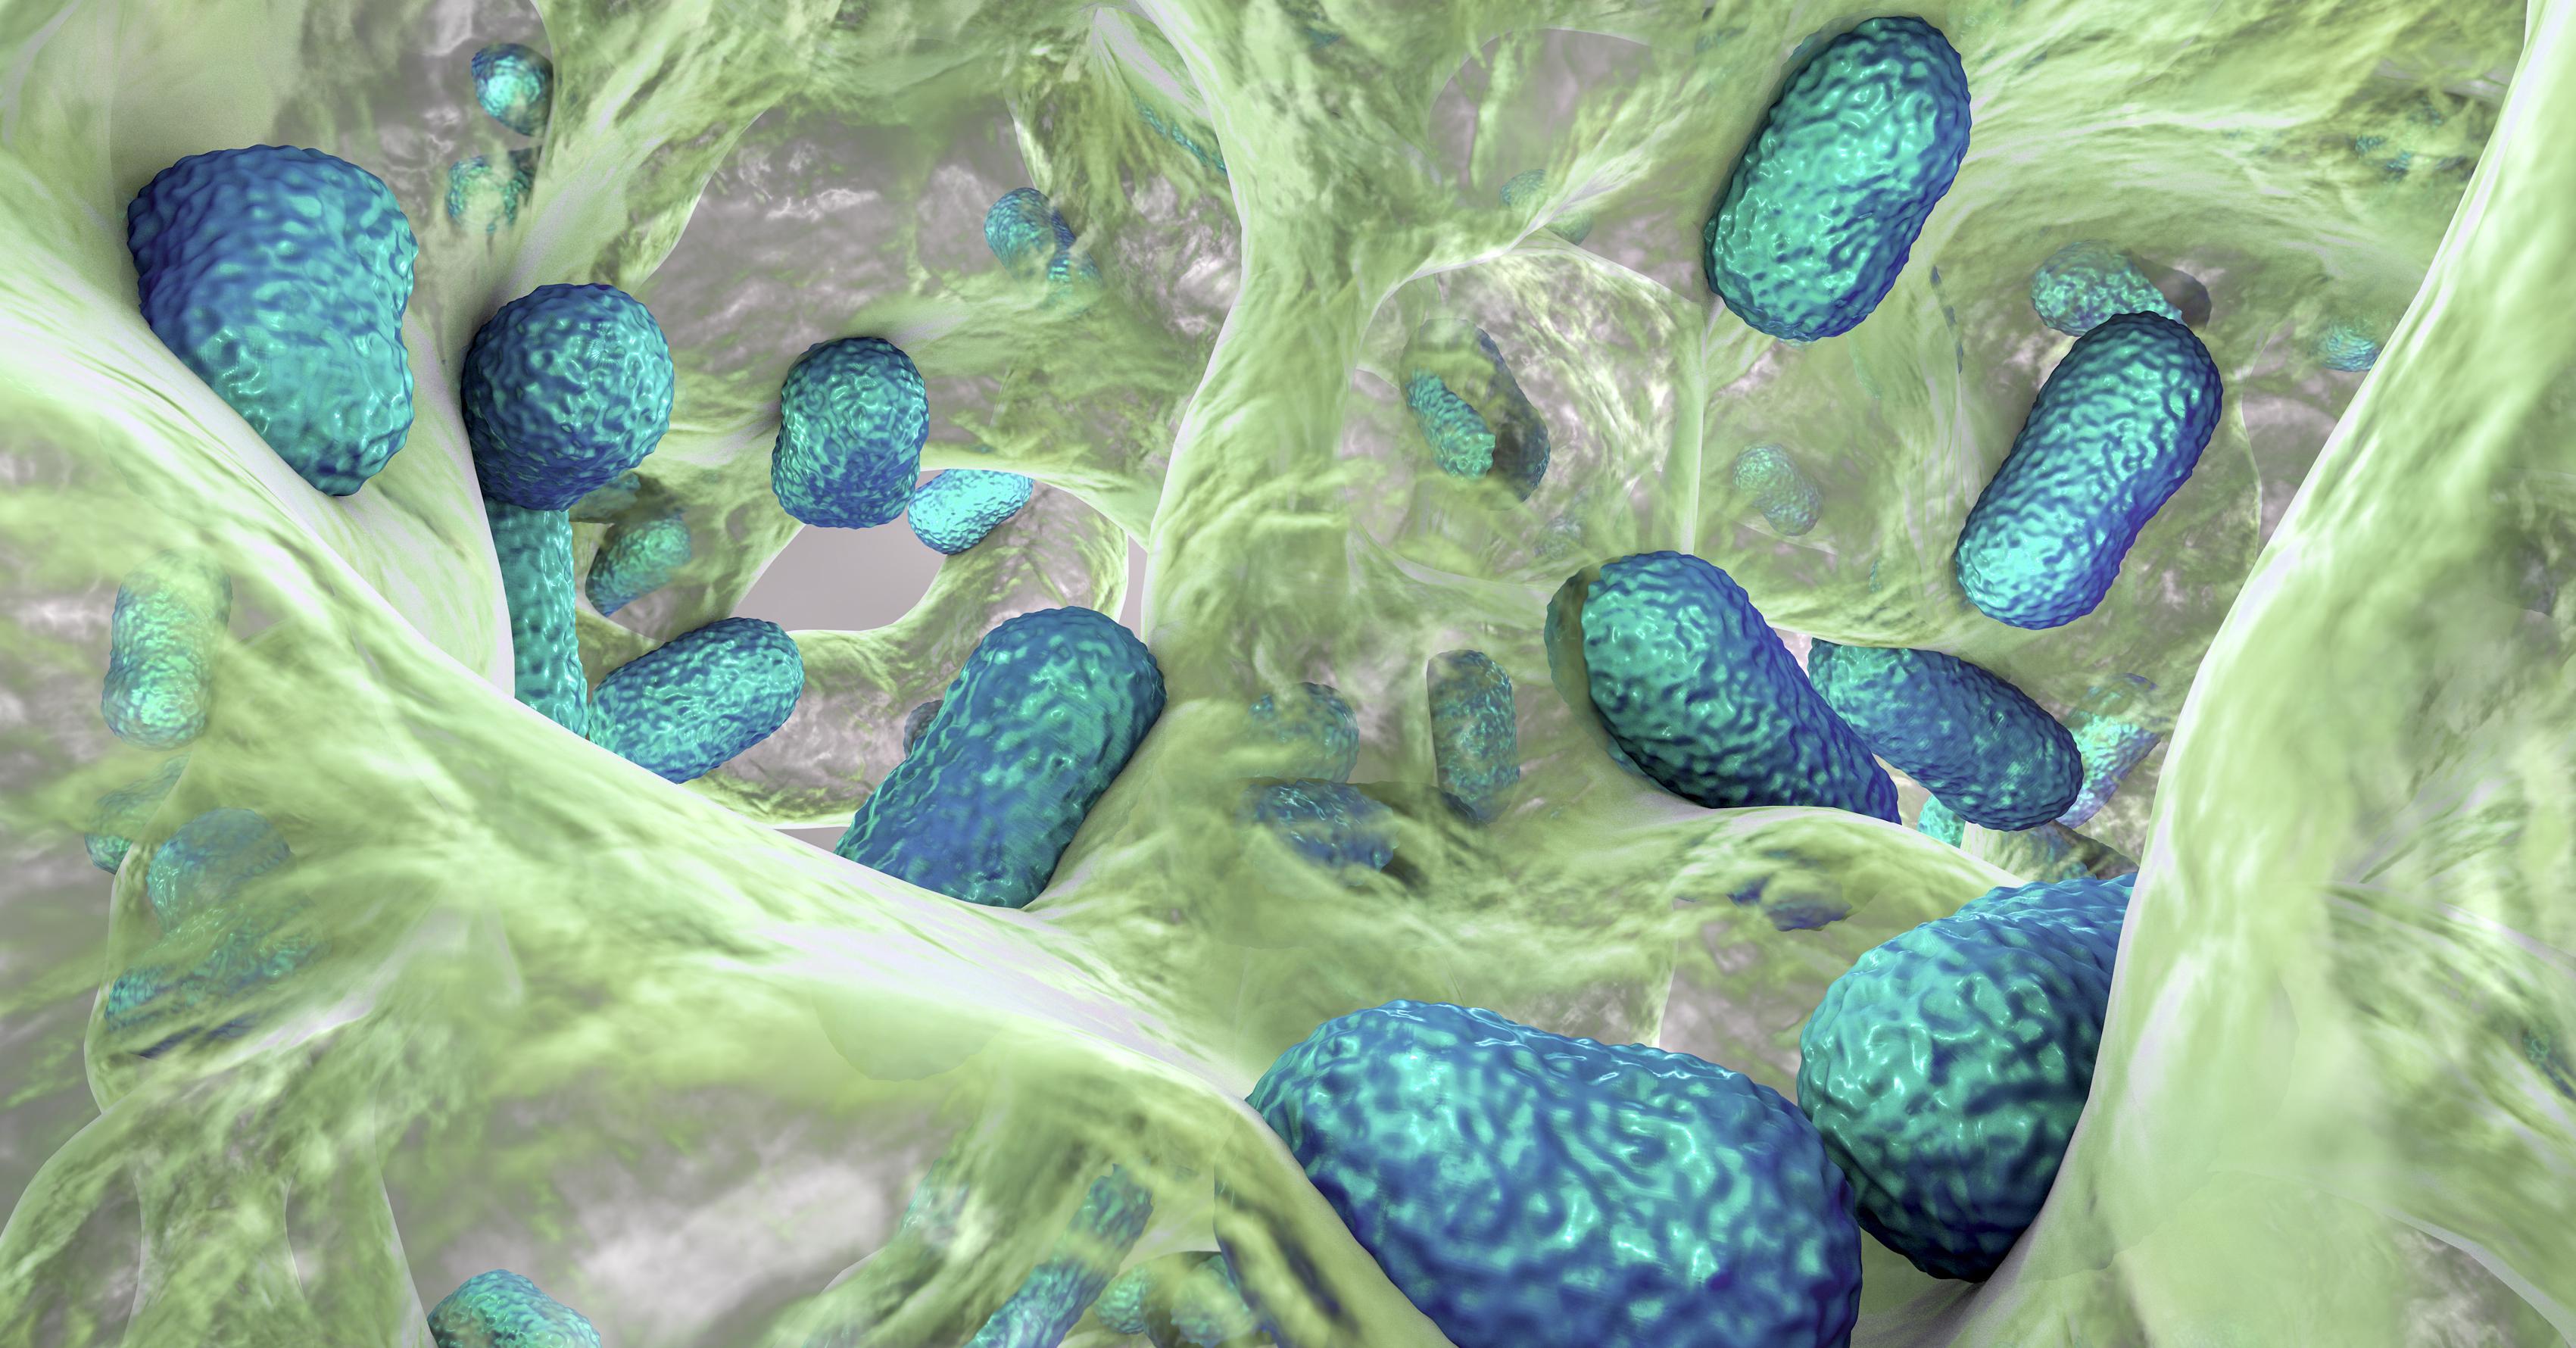 Legionella_Testing_Biofilm_2